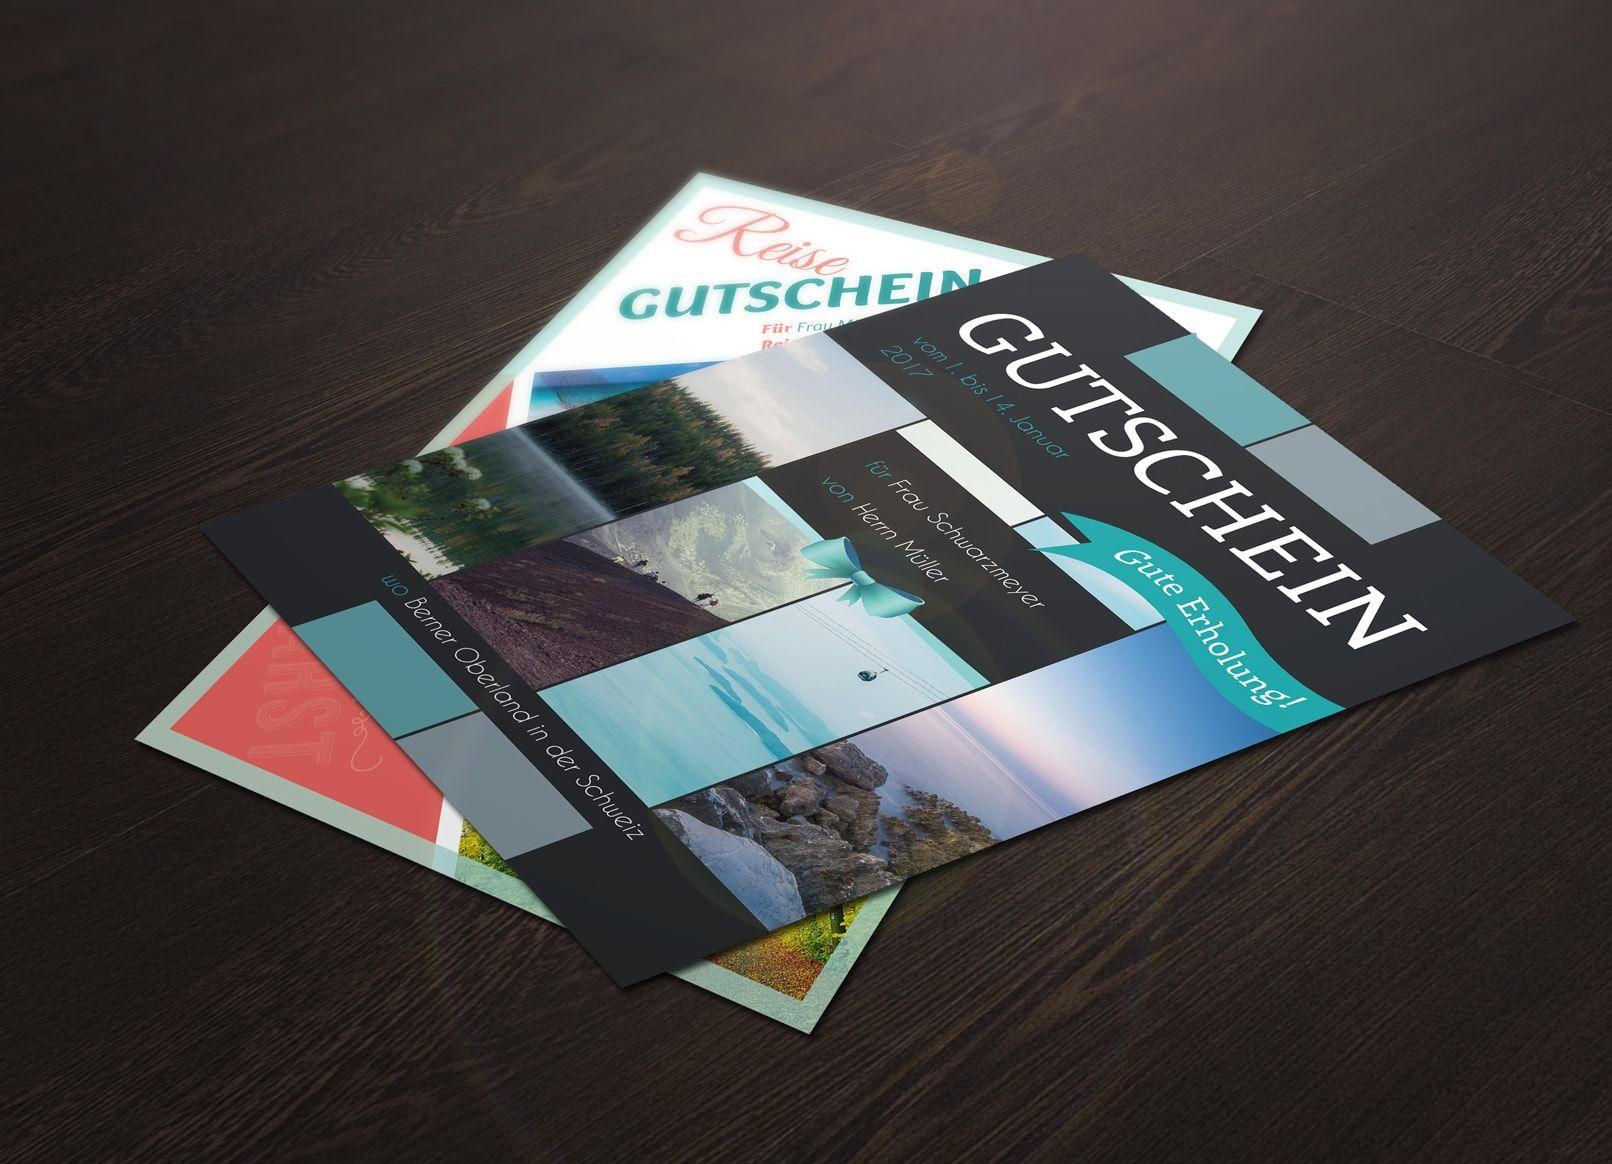 Vorlagen Geschenk Gutschein Fur Word Und Photoshop Gutschein Gestalten Designvorlagen Geschenkgutscheine